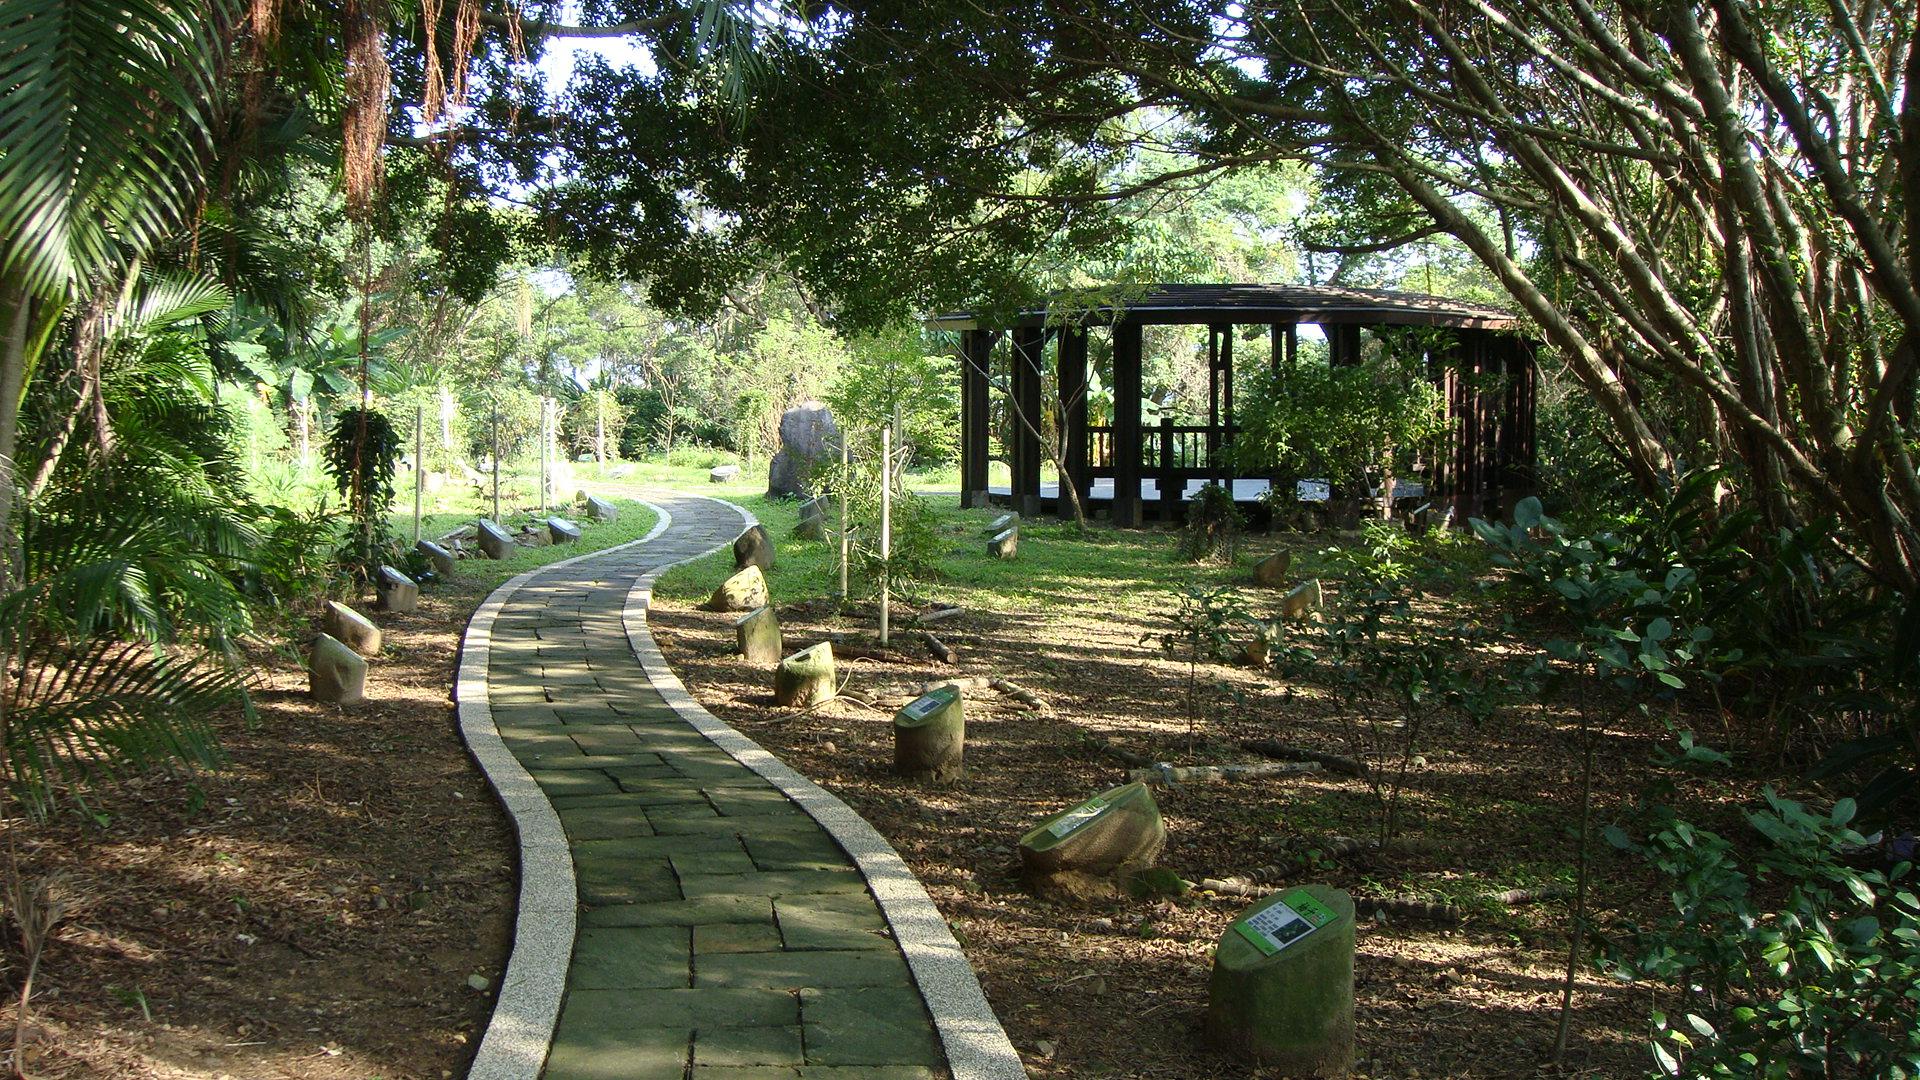 劍南蝶園食草植物區